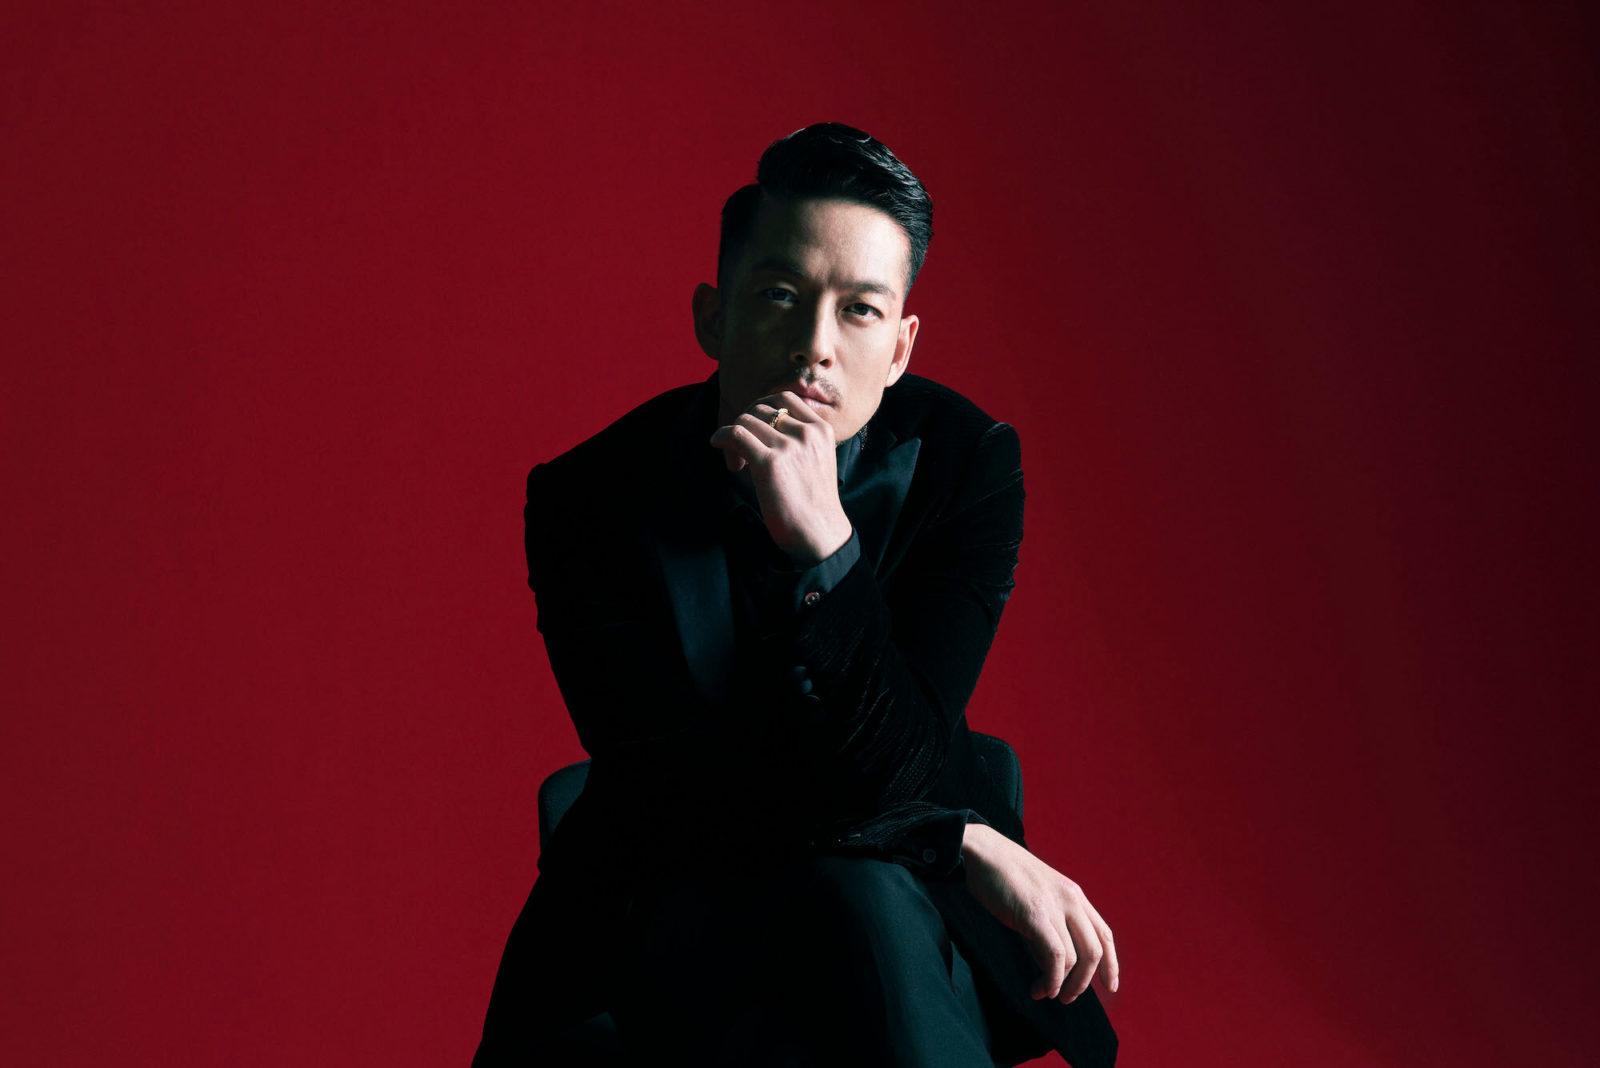 清木場俊介、デビュー20周年となる2021年に日本武道館公演の開催を発表サムネイル画像!